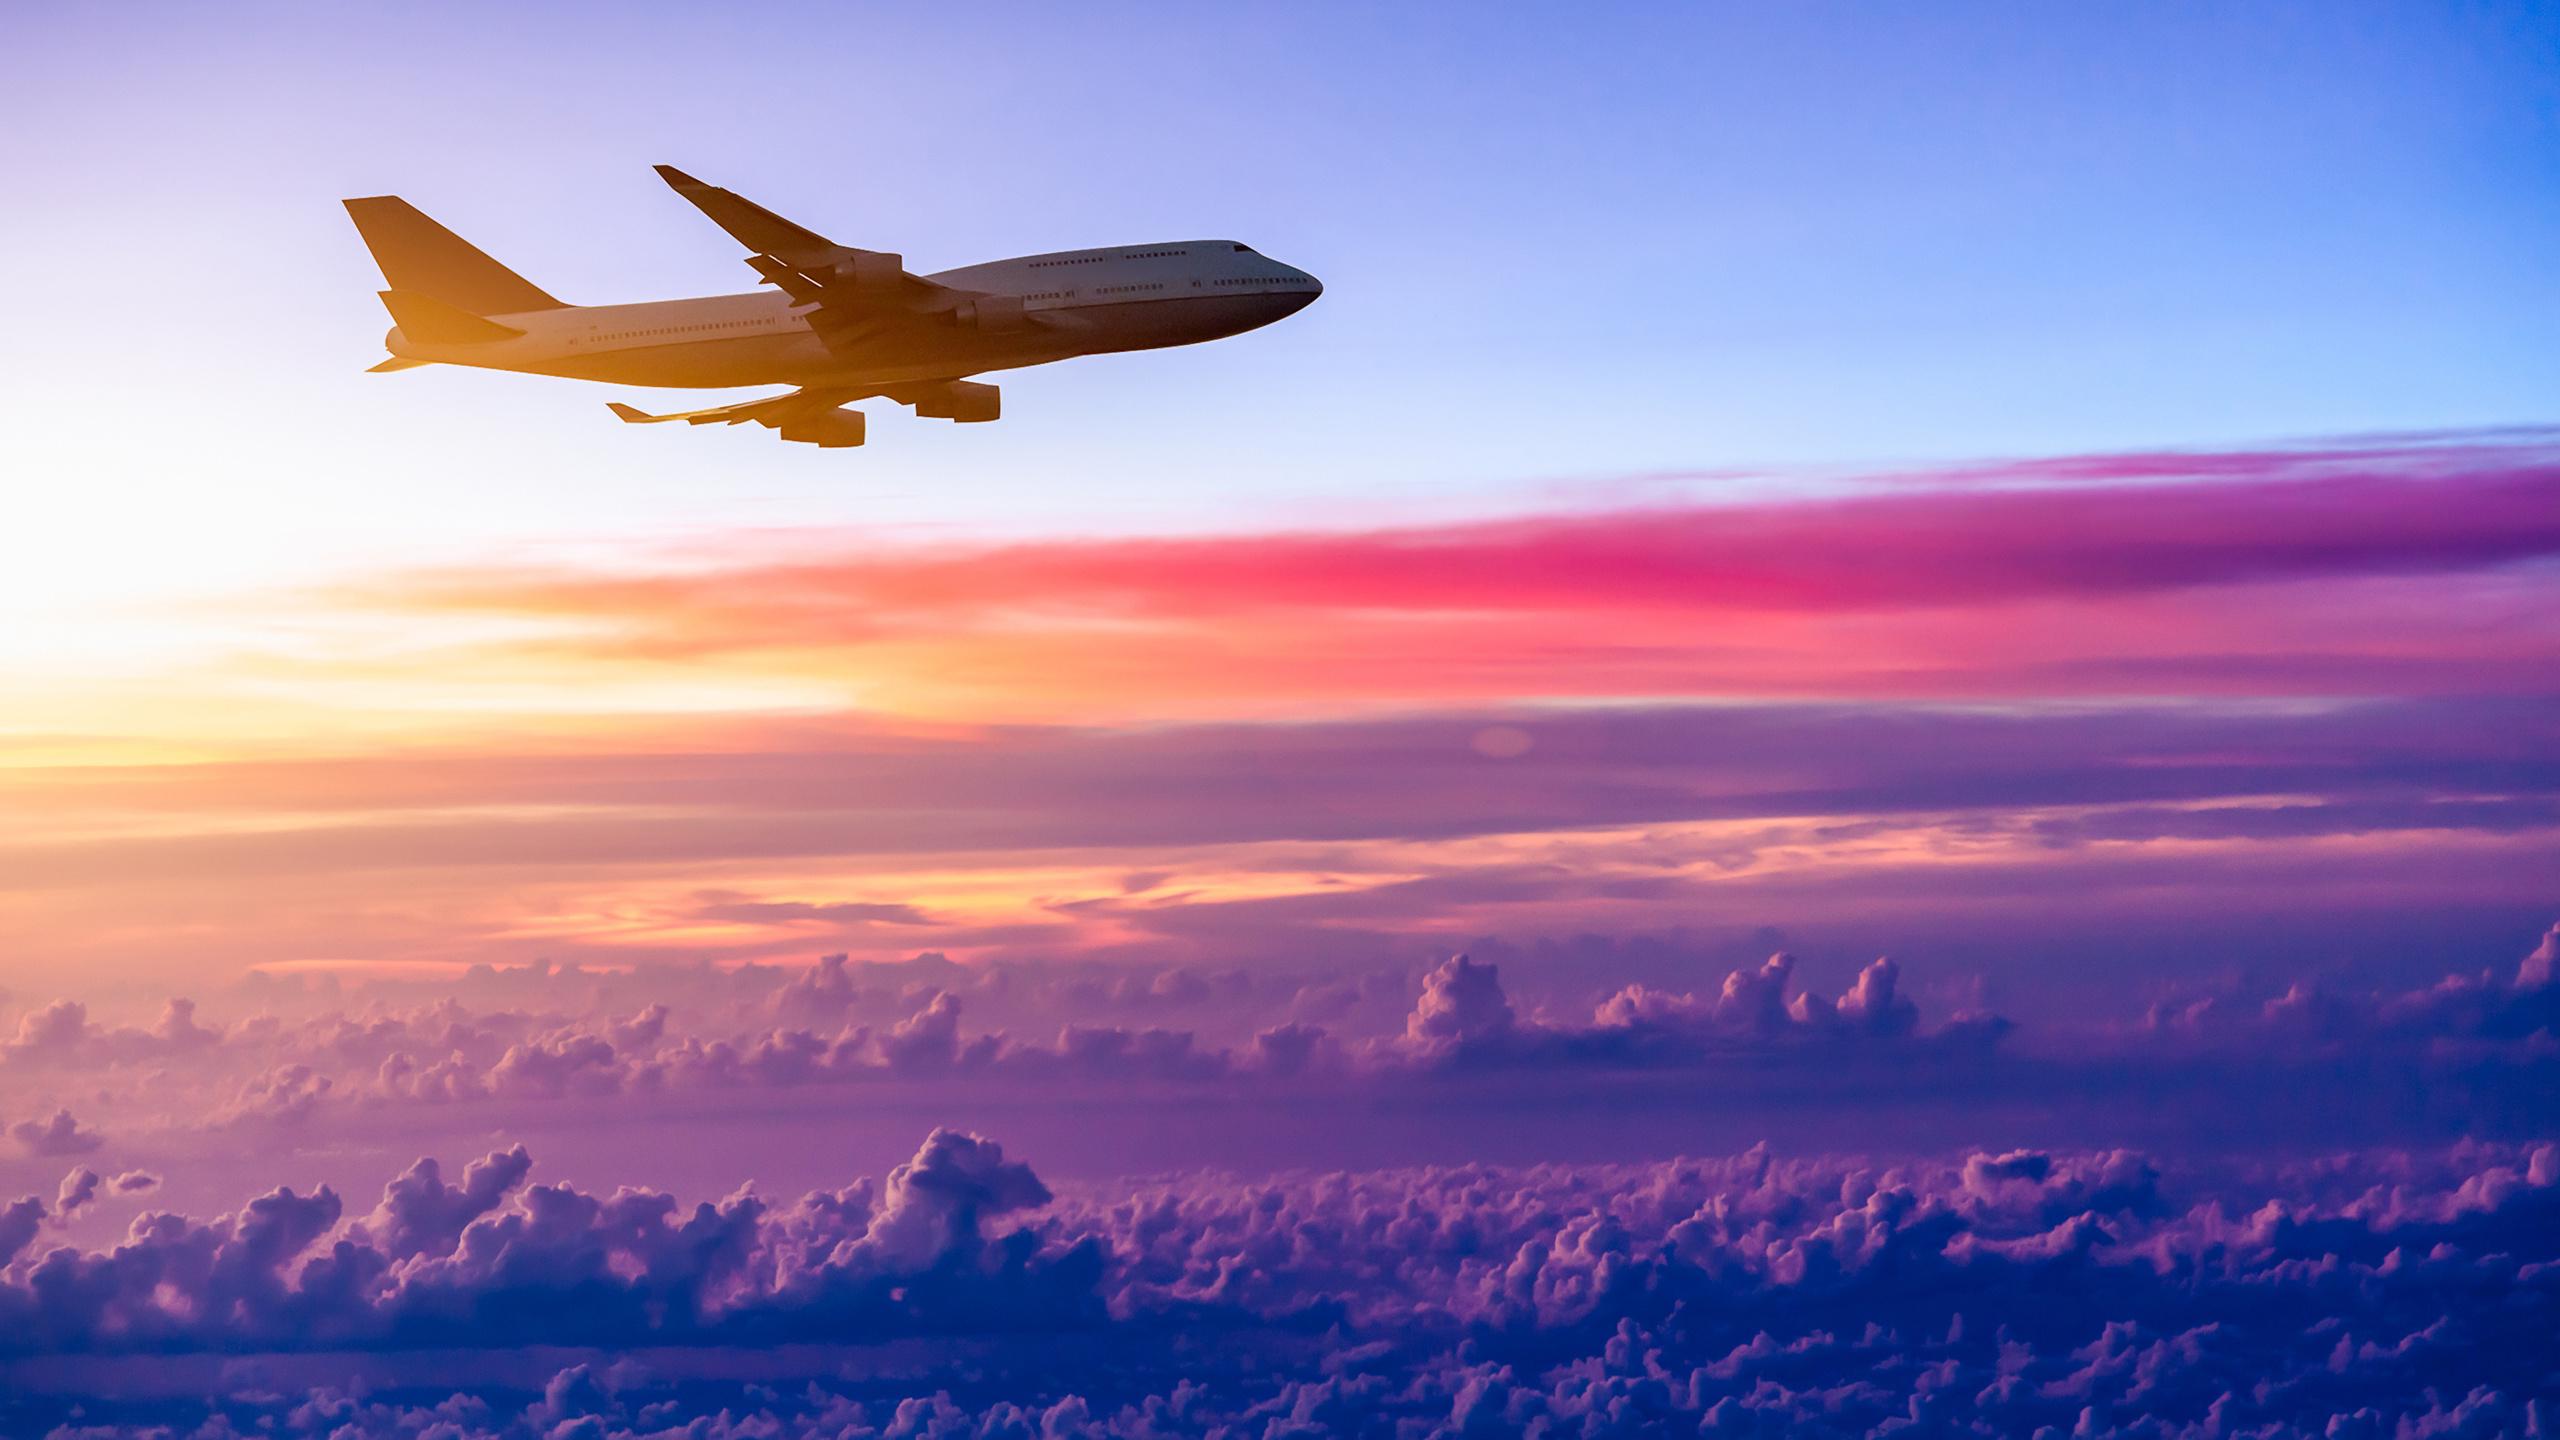 небо, облака, самолет, авиация